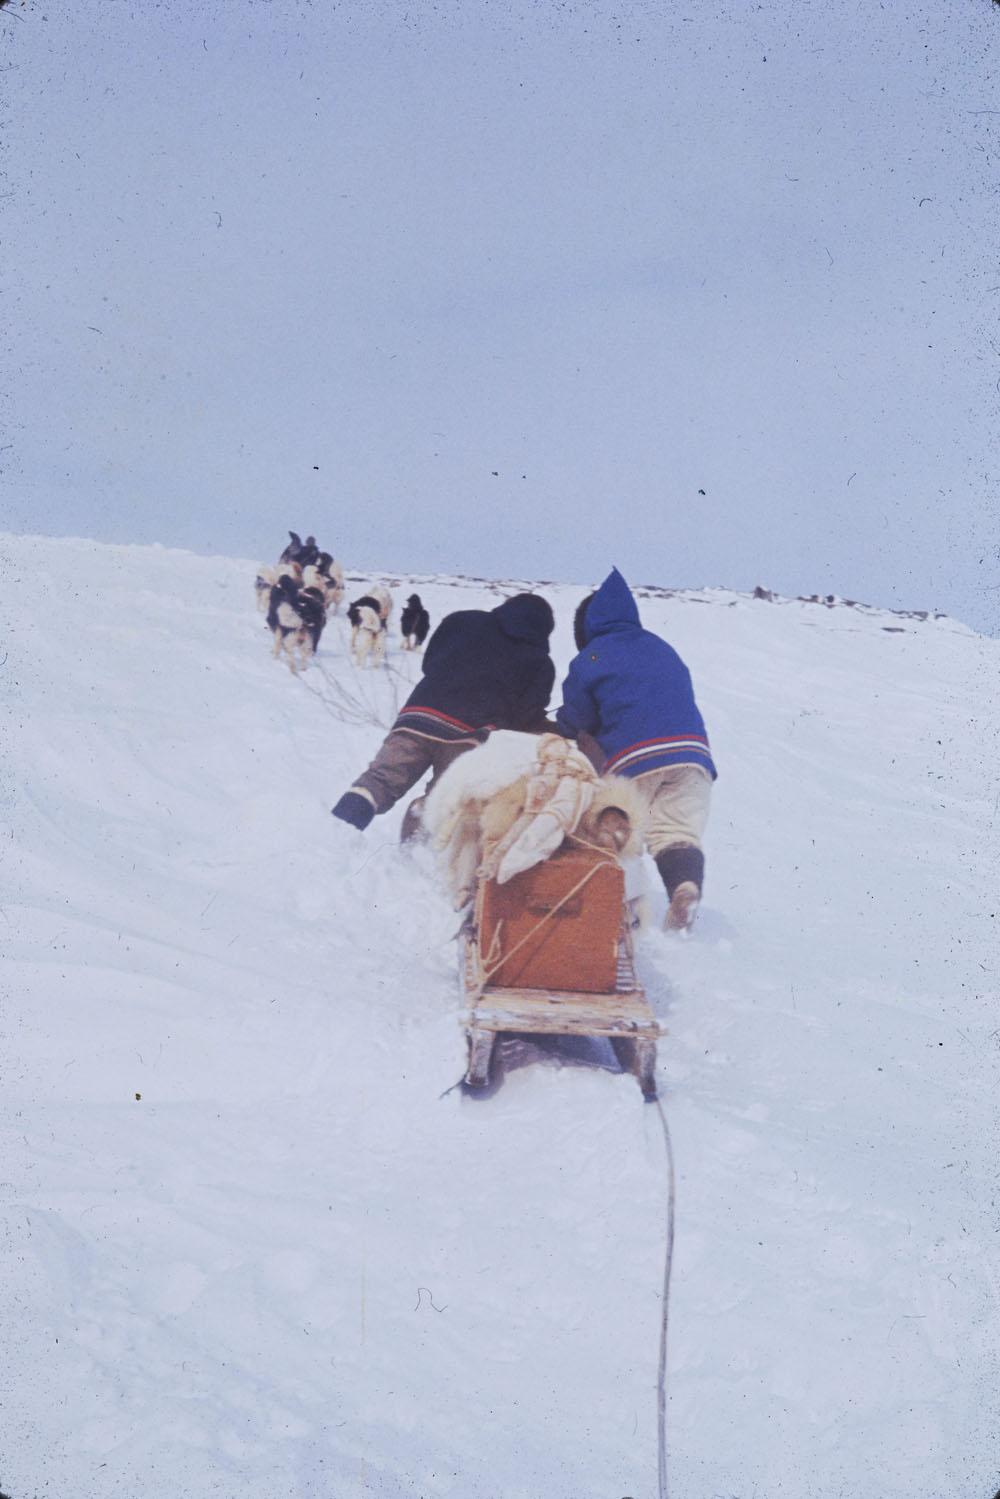 Photo couleur de deux hommes avec un attelage de chiens tirant un traîneau vers le sommet d'une colline.